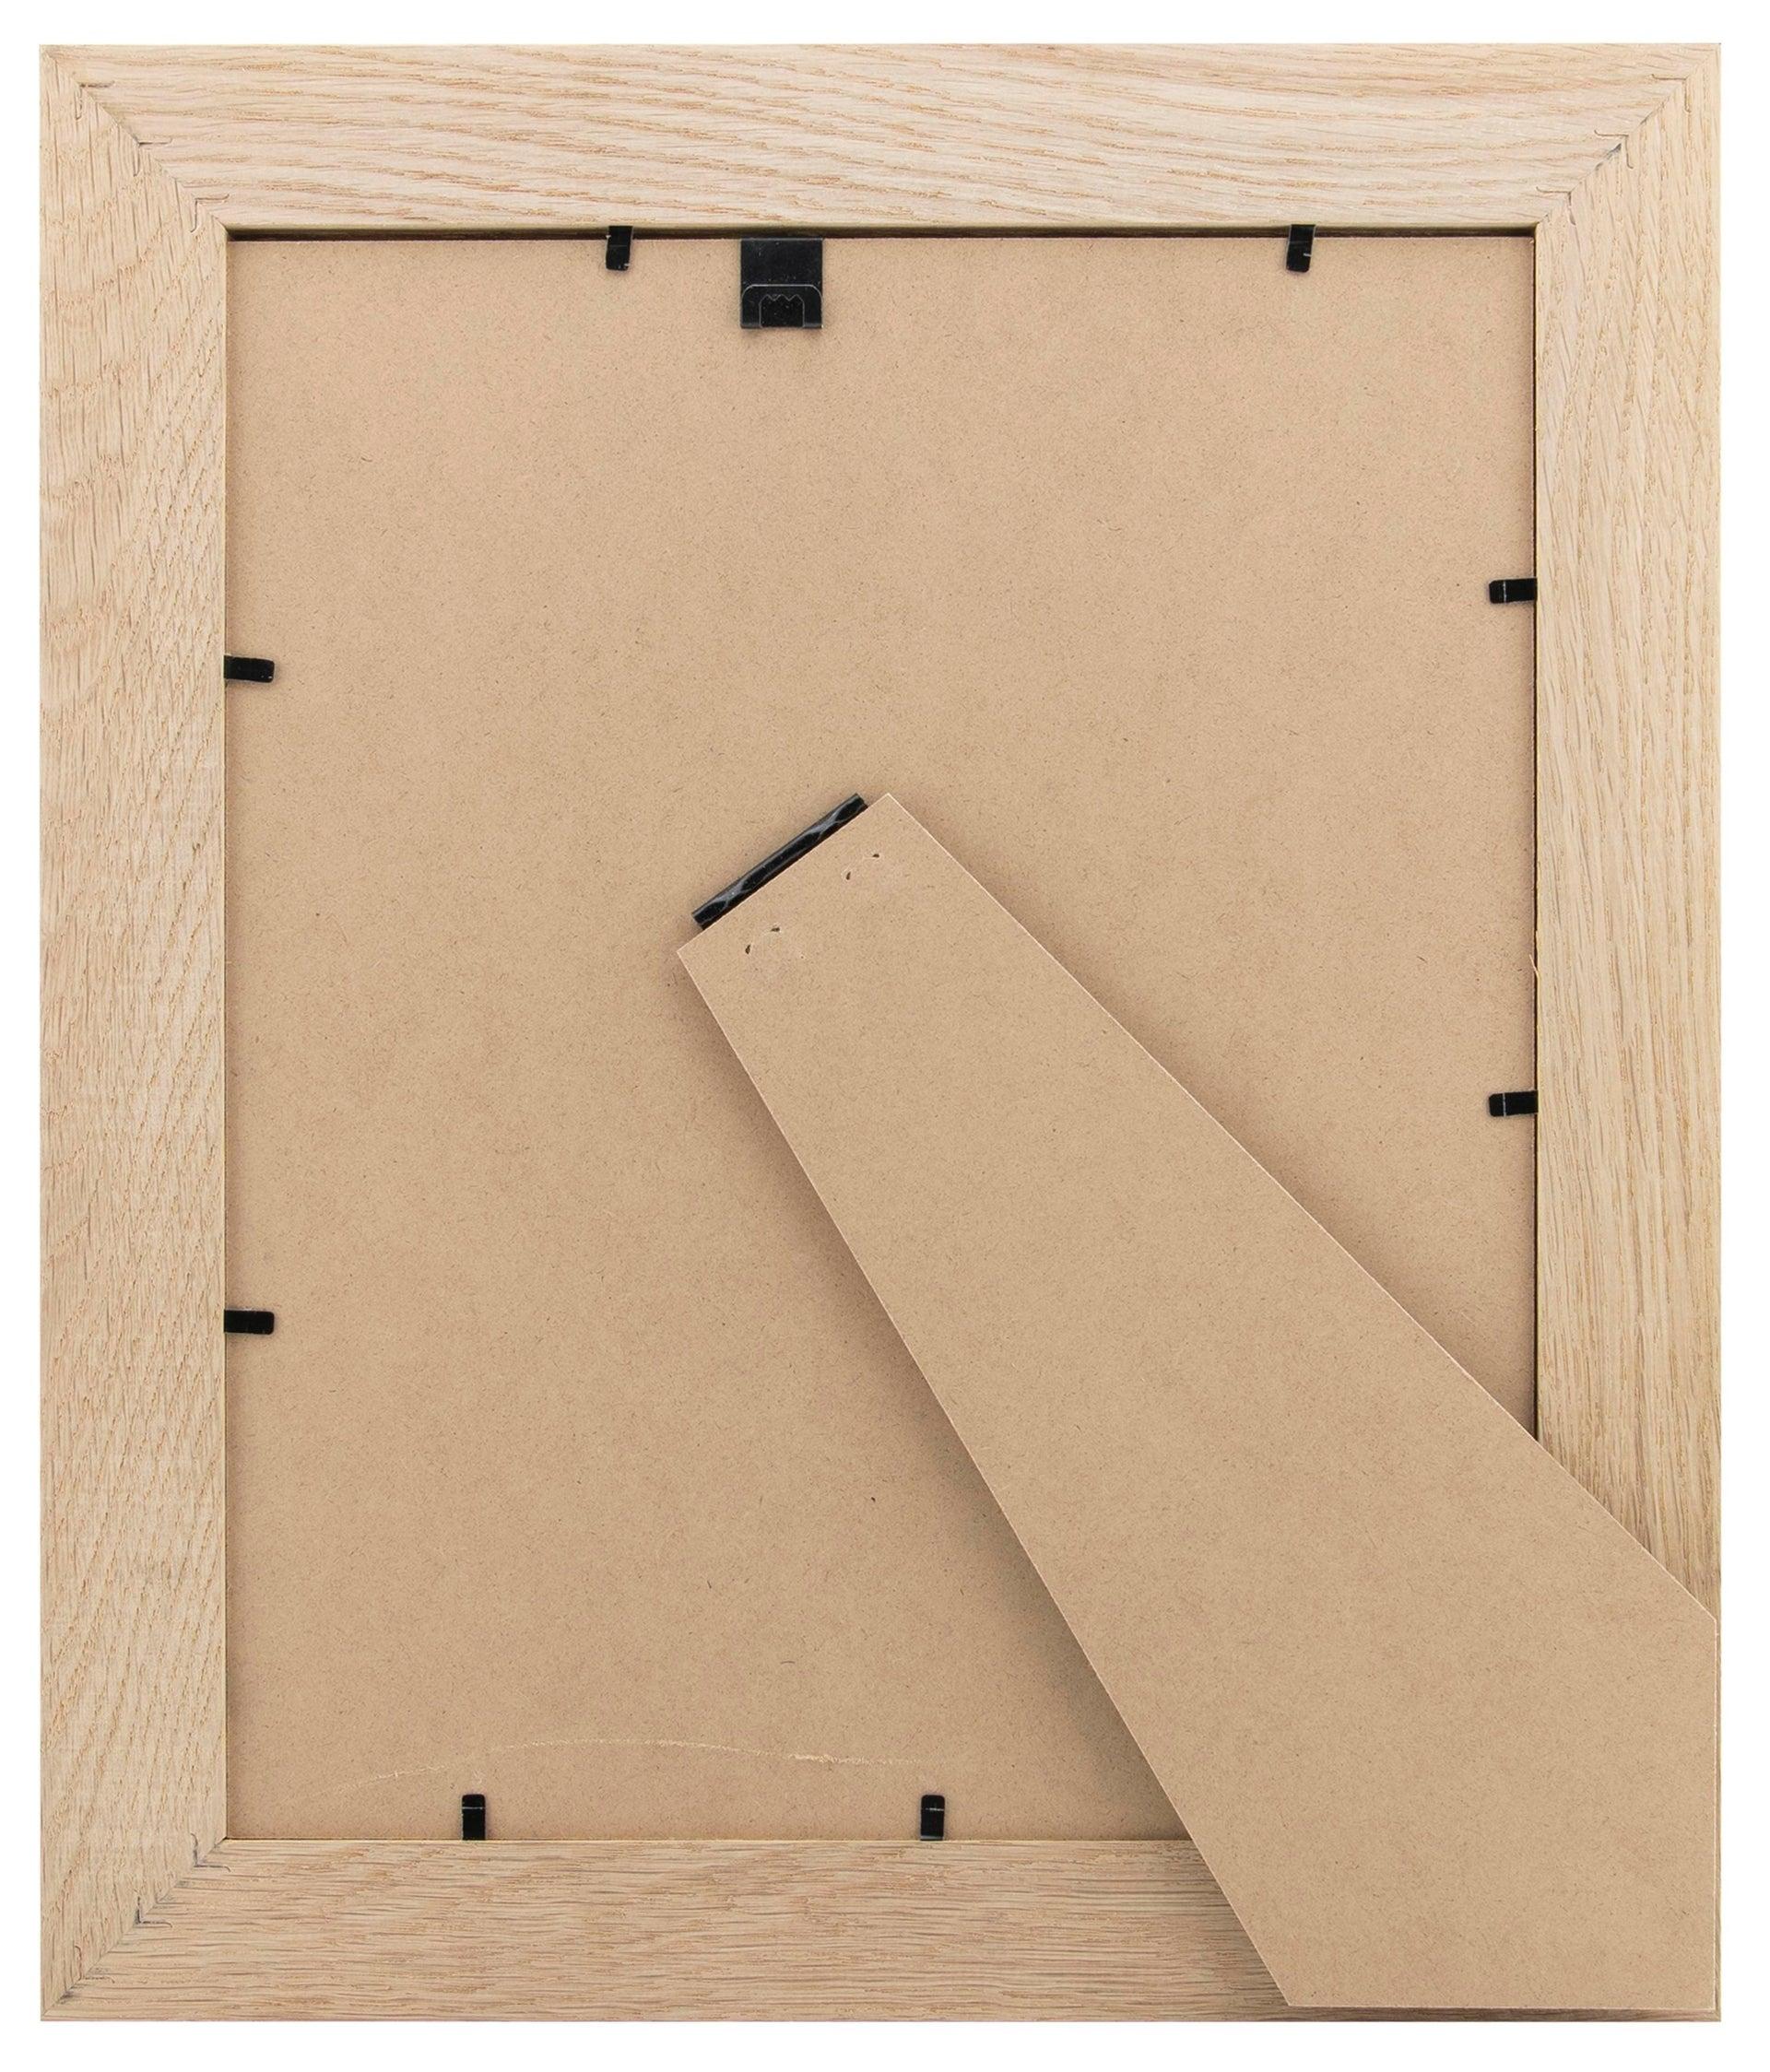 Cornice con passe-partout Inspire nakato rovere 24x30 cm - 6